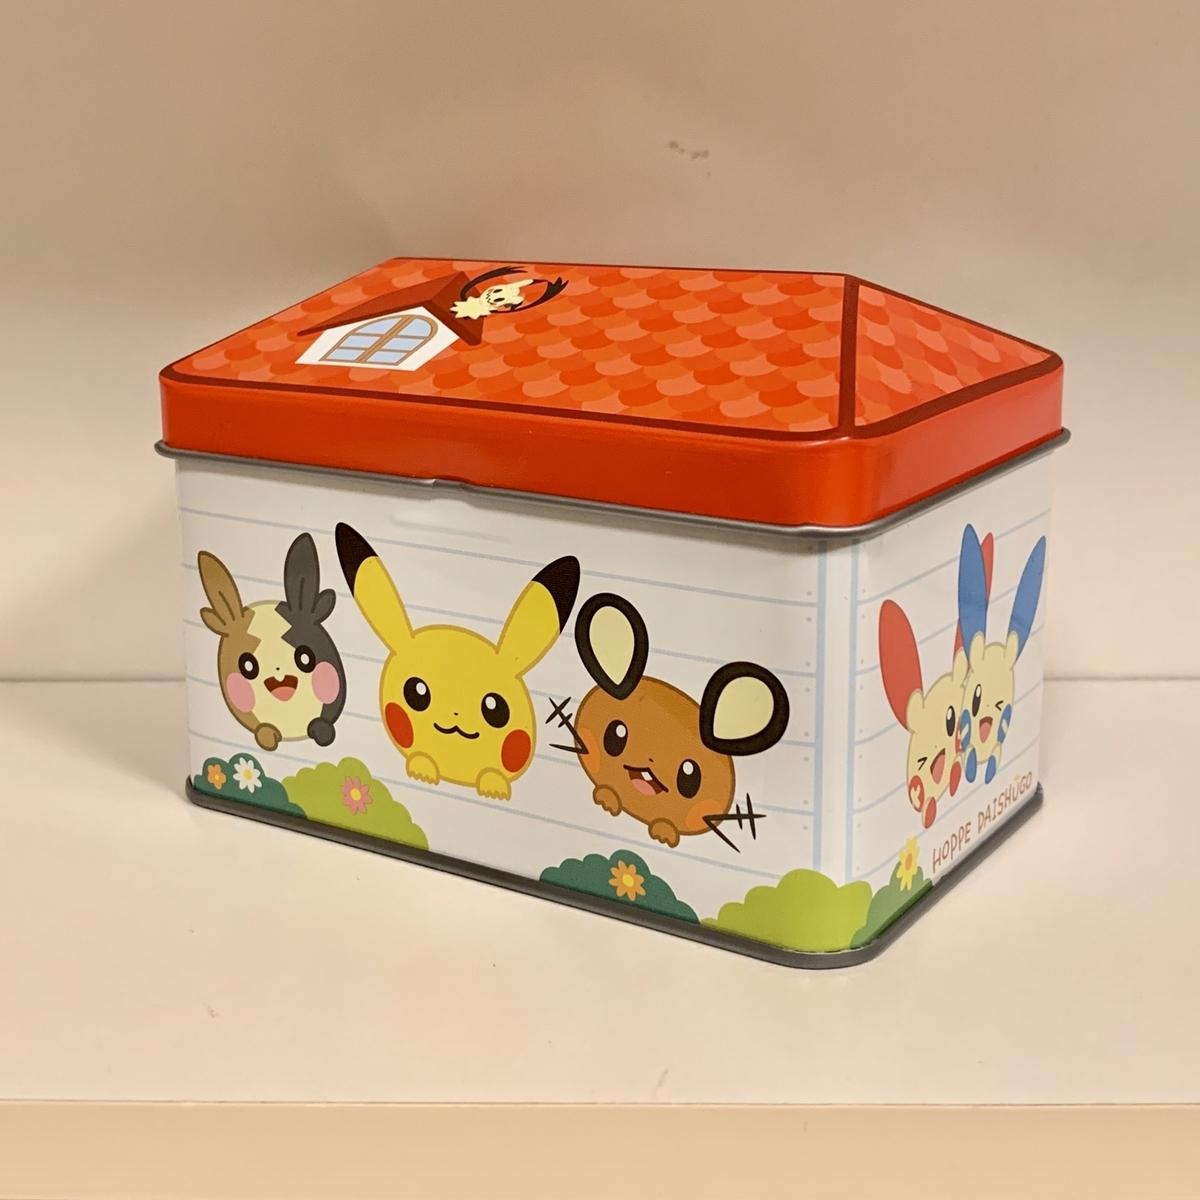 f:id:pikachu_pcn:20200106221729j:plain